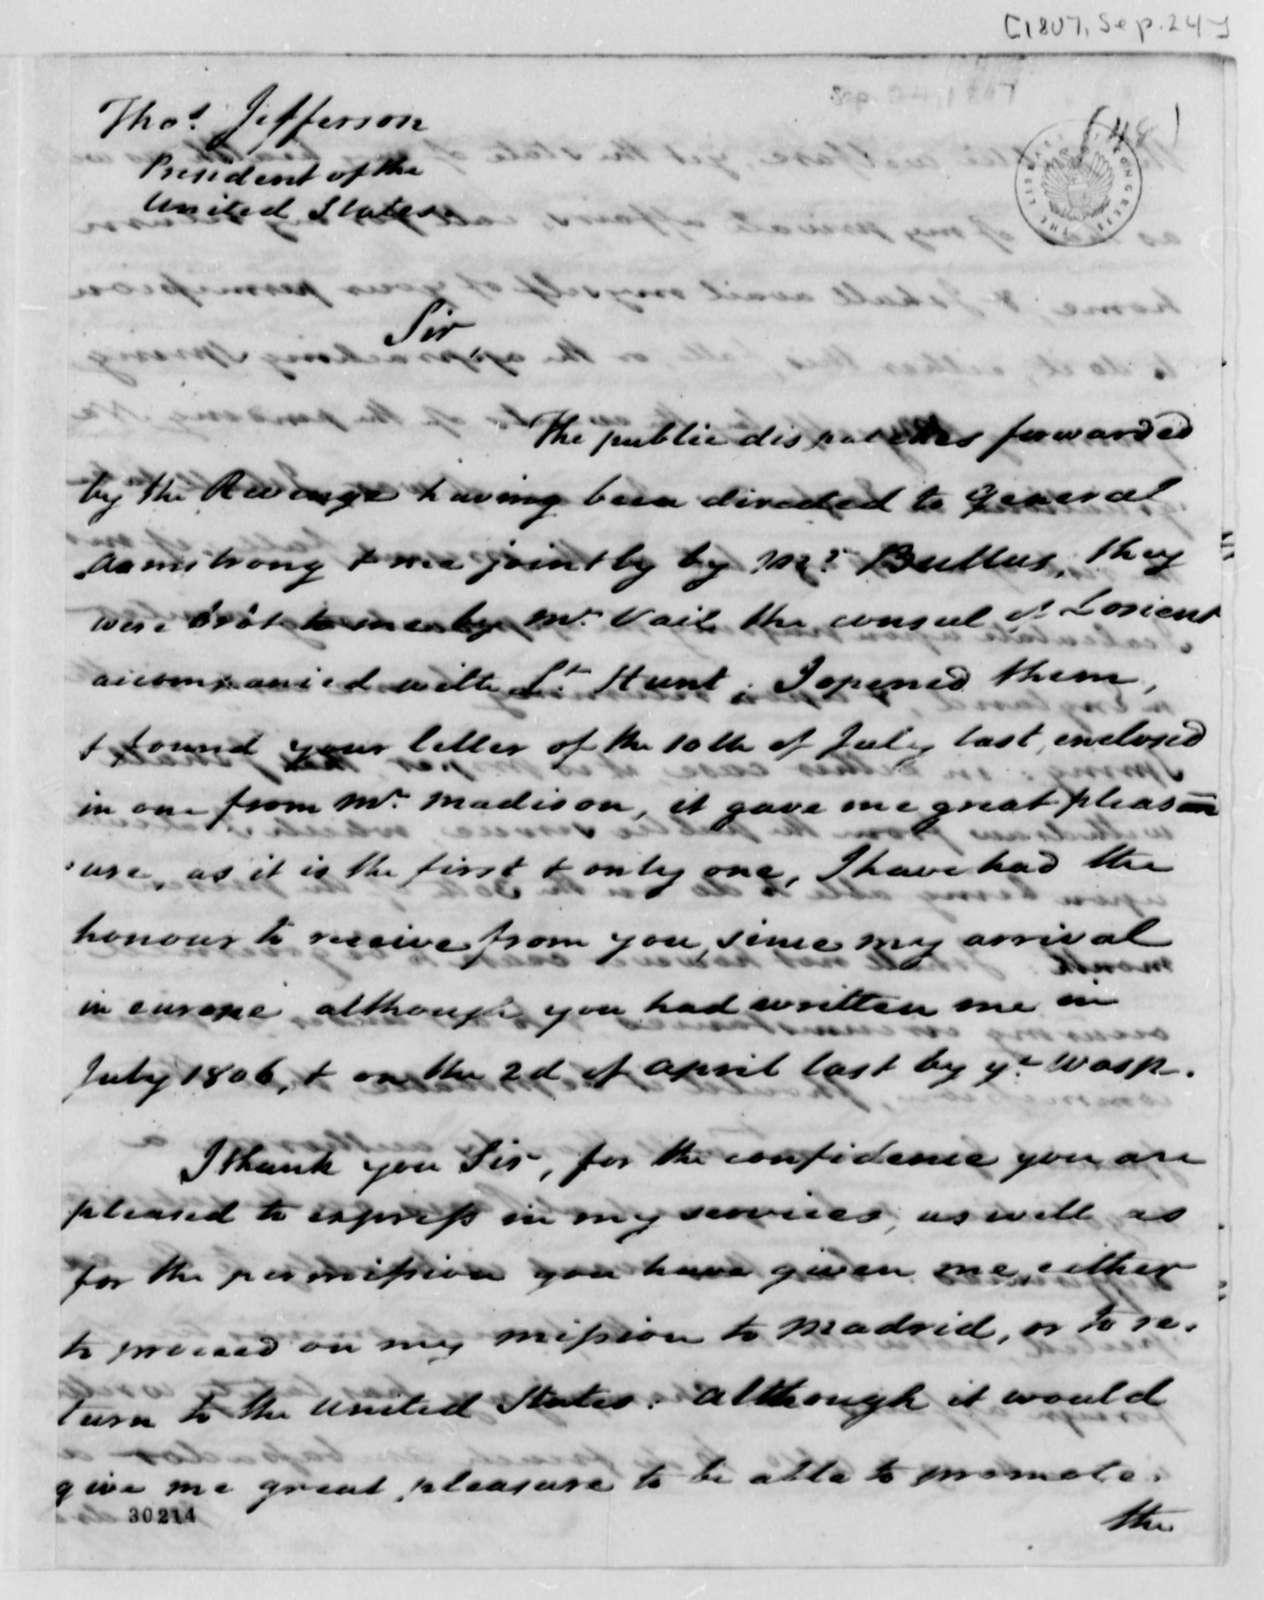 James Bowdoin to Thomas Jefferson, September 24, 1807